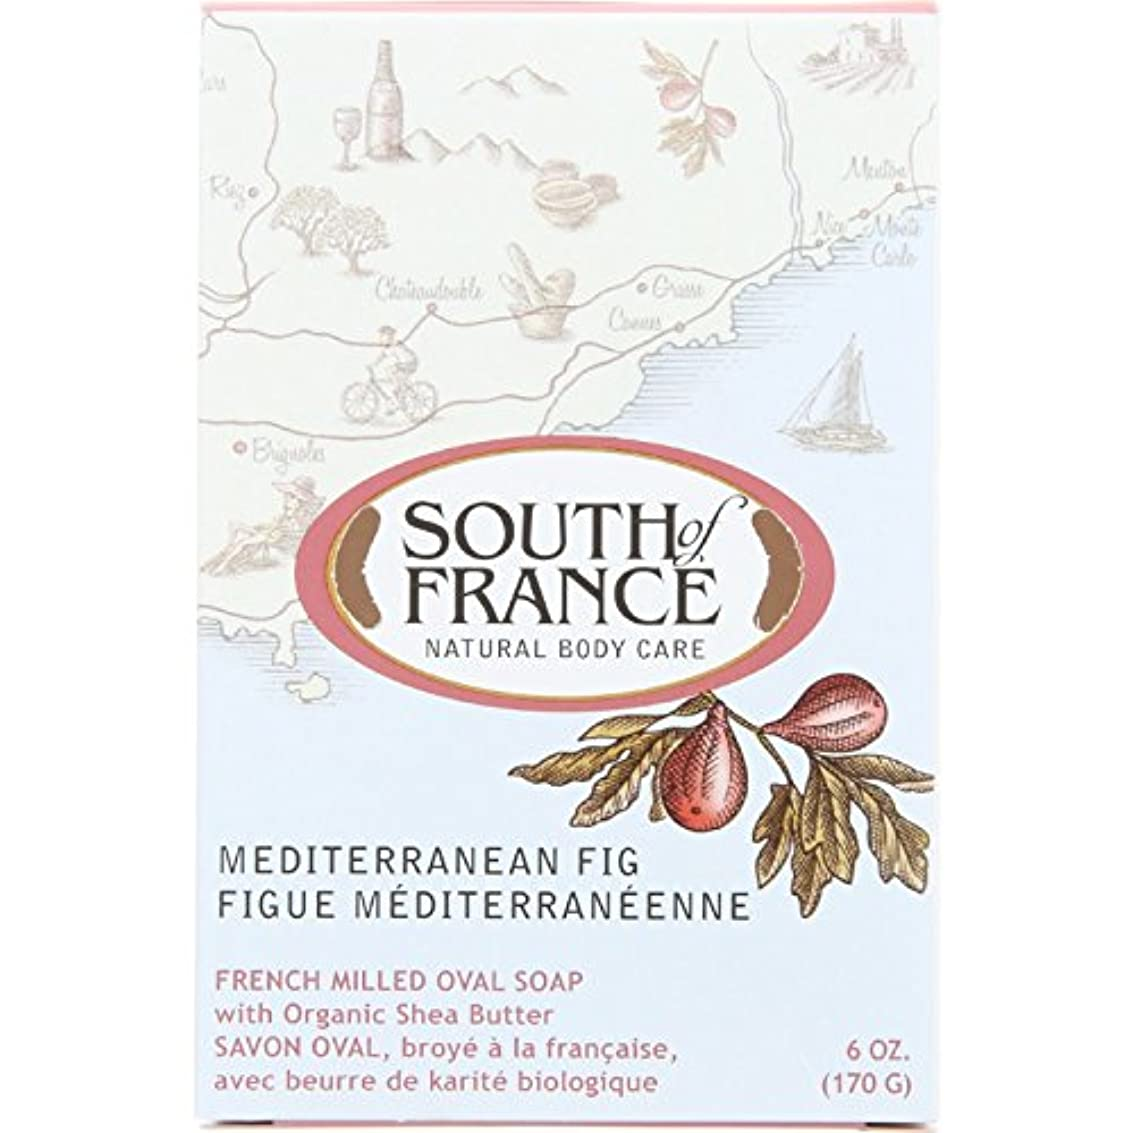 独立剣炭素South of France - フランスの製粉された野菜棒石鹸の内陸のイチジク - 6ポンド